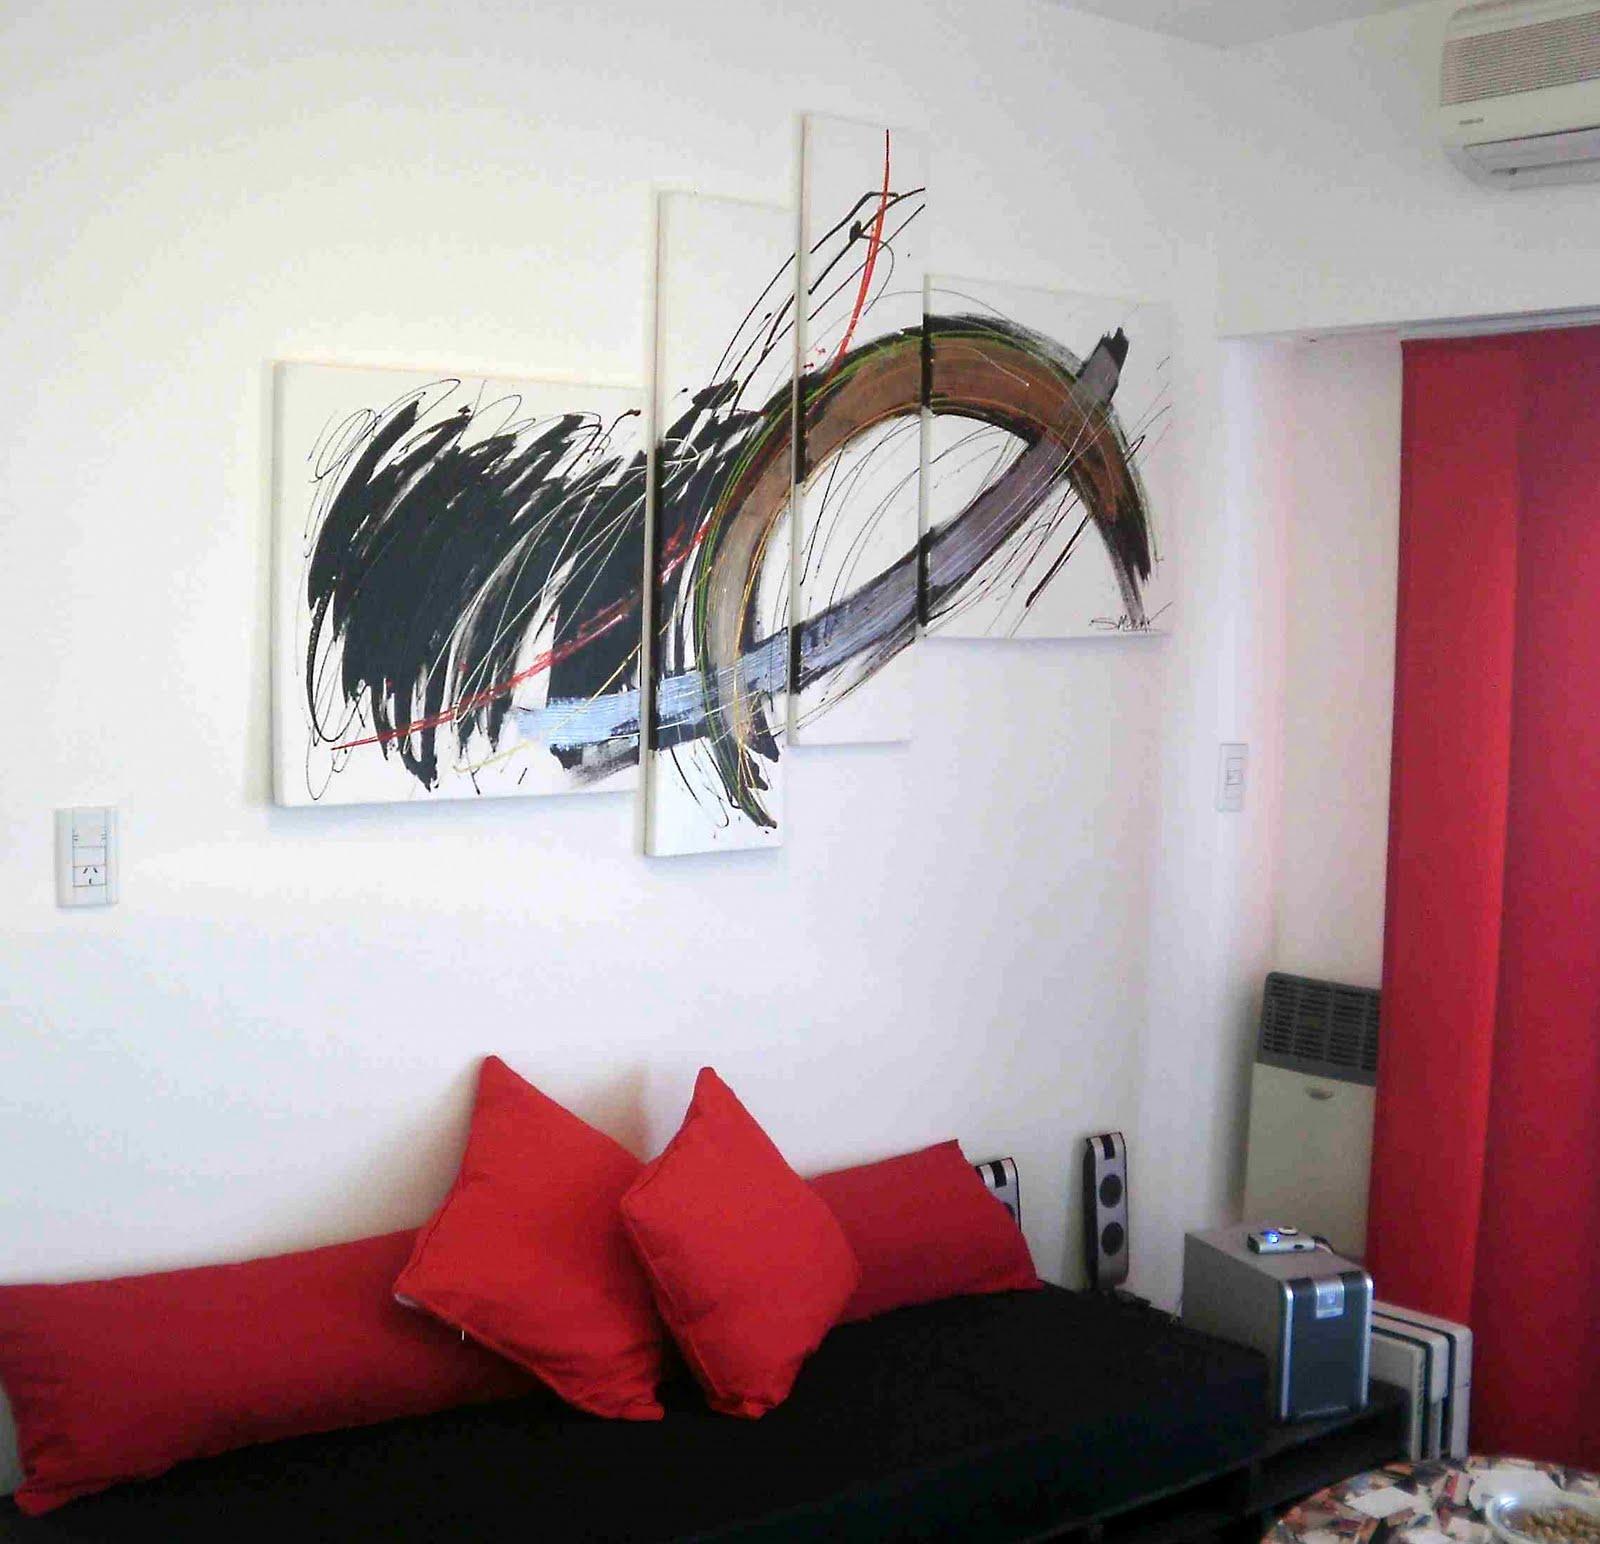 Cuadros minimalistas abstractos modernos al oleo leos en for Cuadros minimalistas modernos